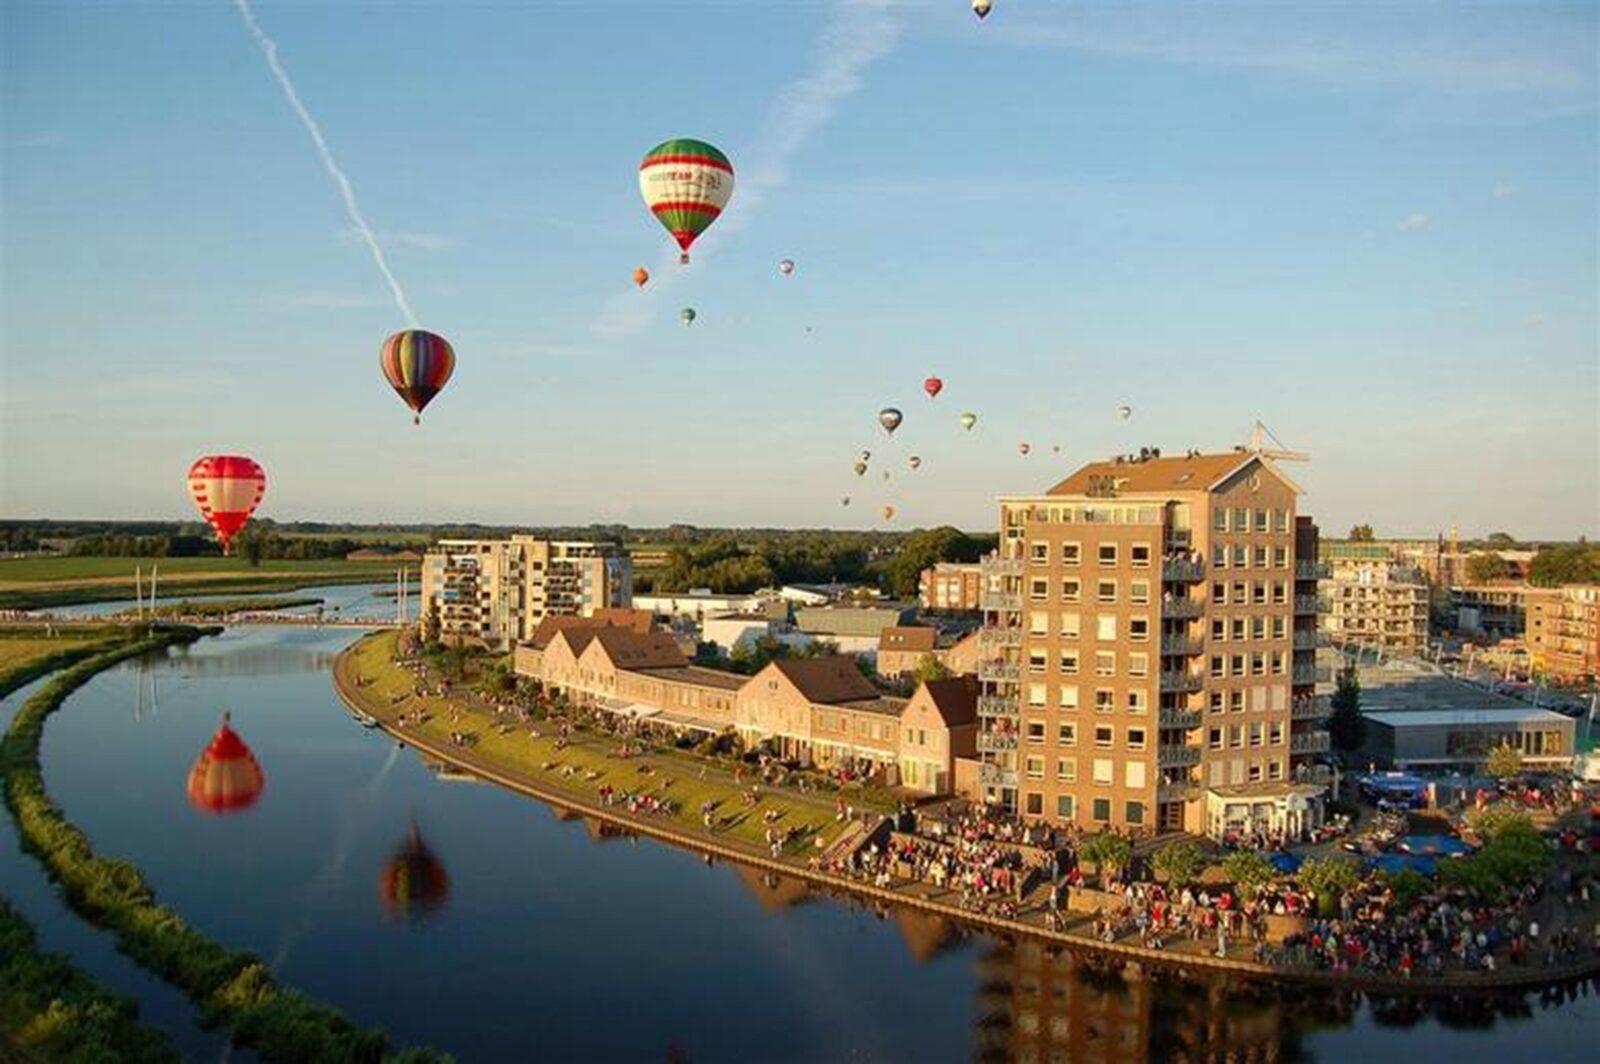 Ballonnenfestival Hardenberg